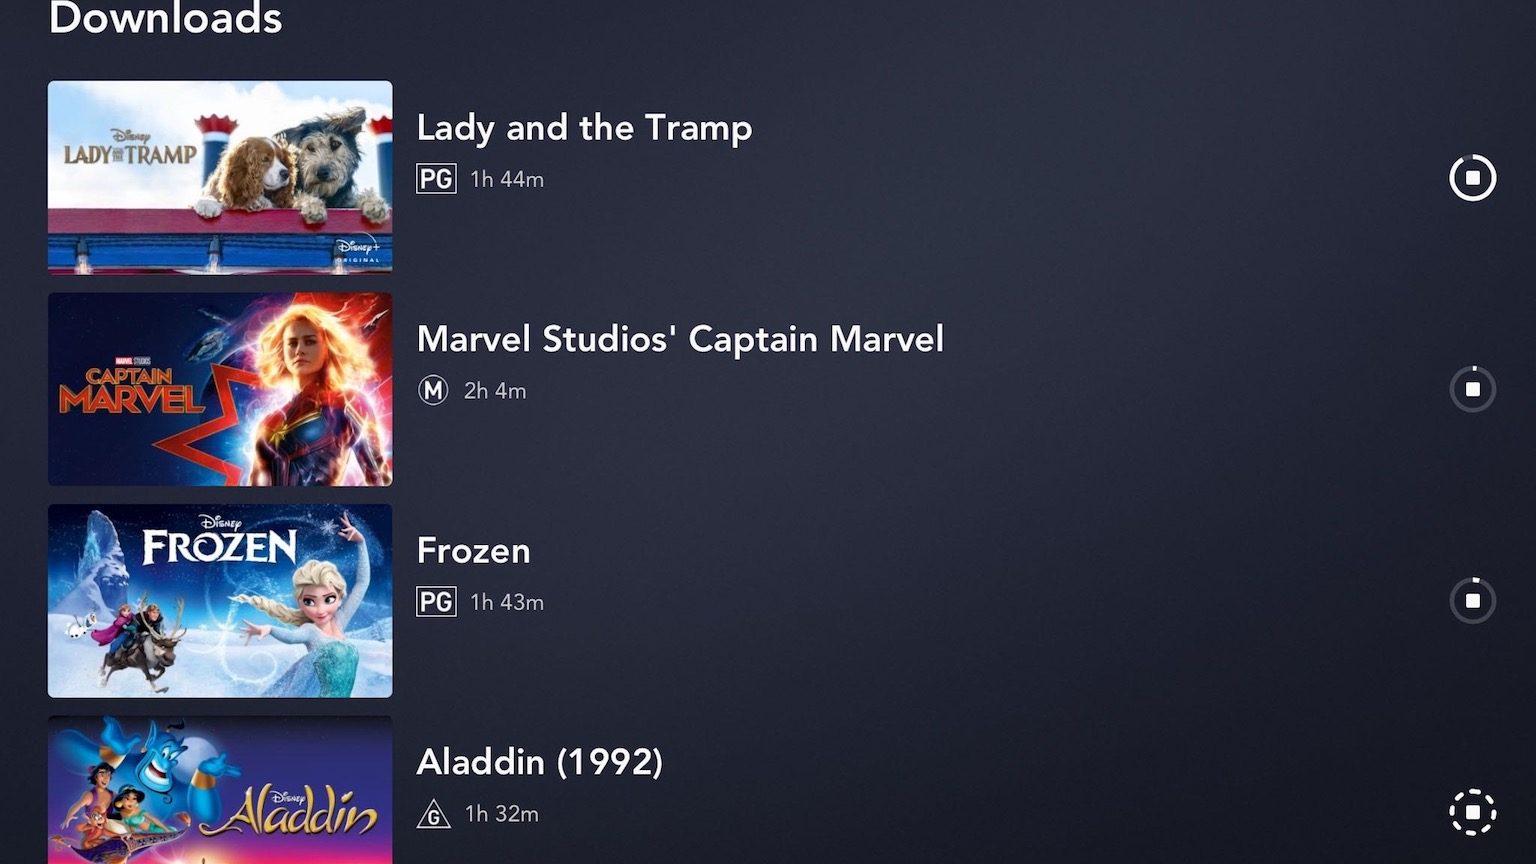 Disney+ Offline downloads image